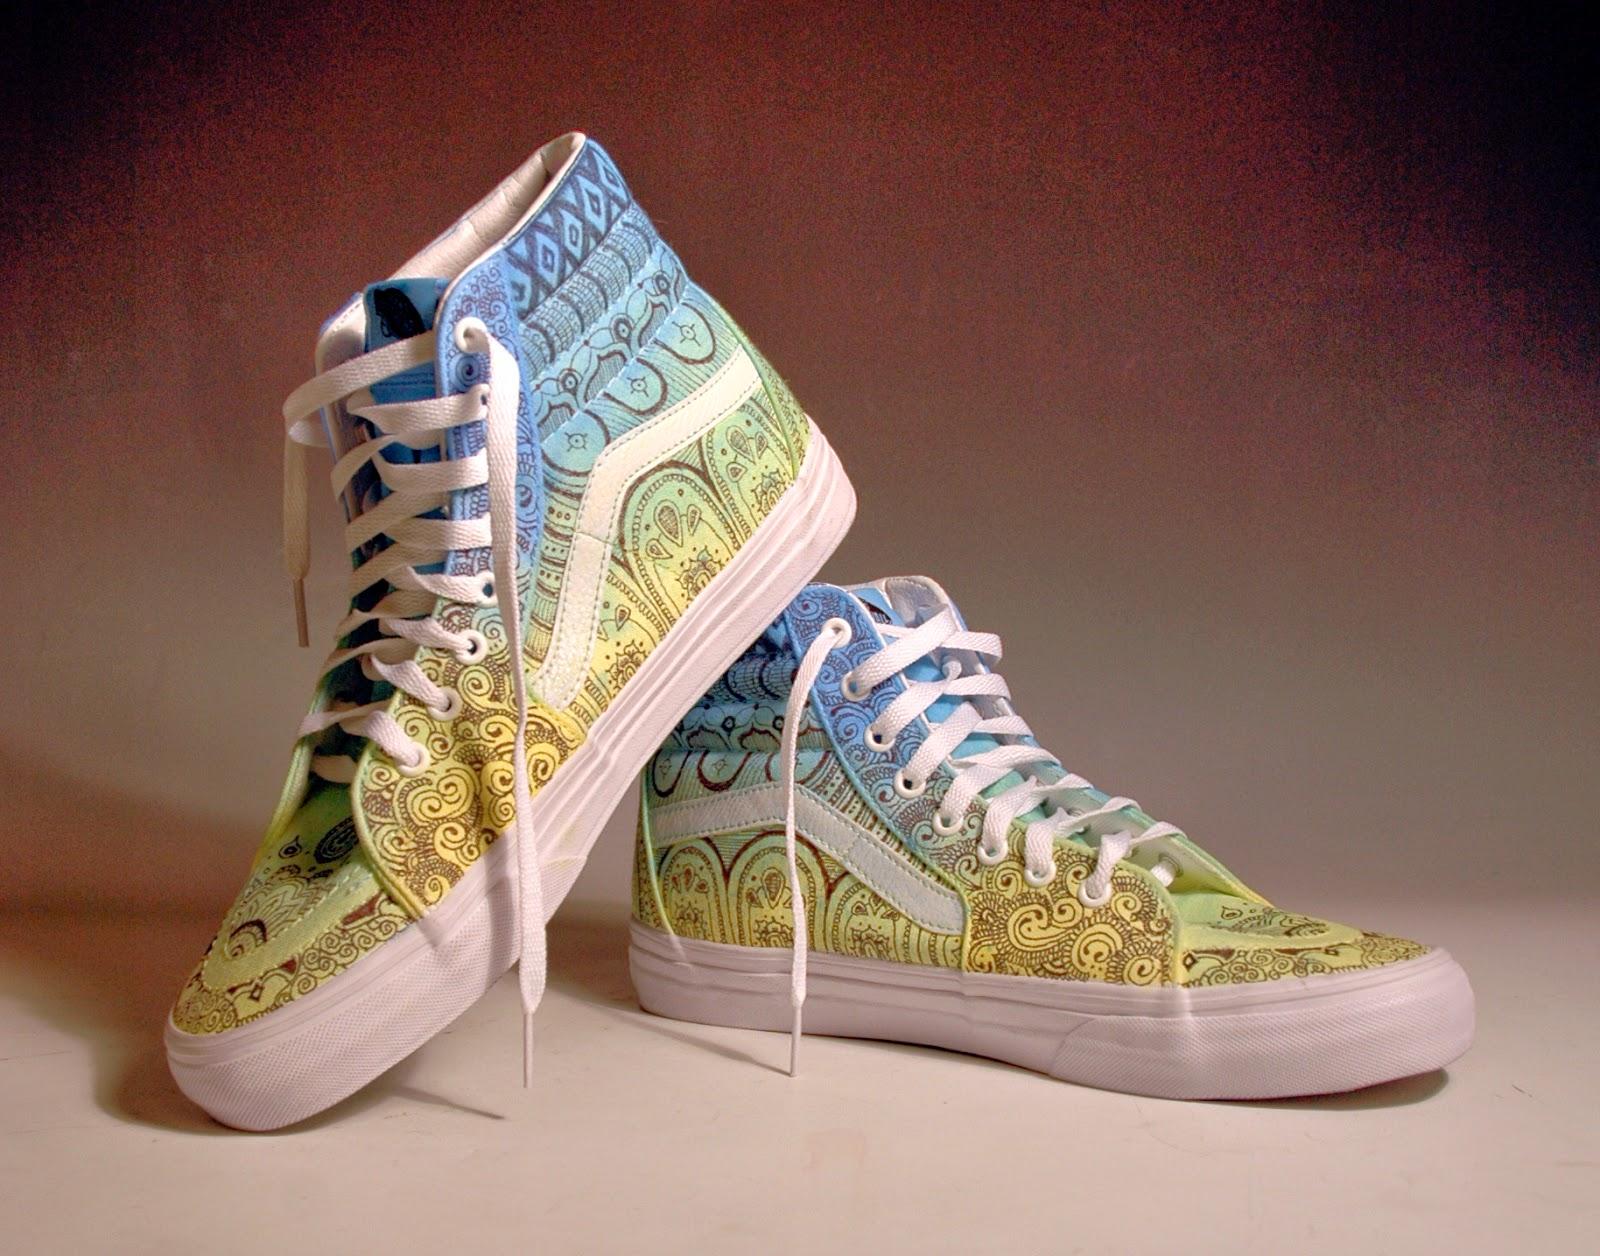 72dddcf57e8547 Ms. Moore s Class  Vans Shoe Design Contest